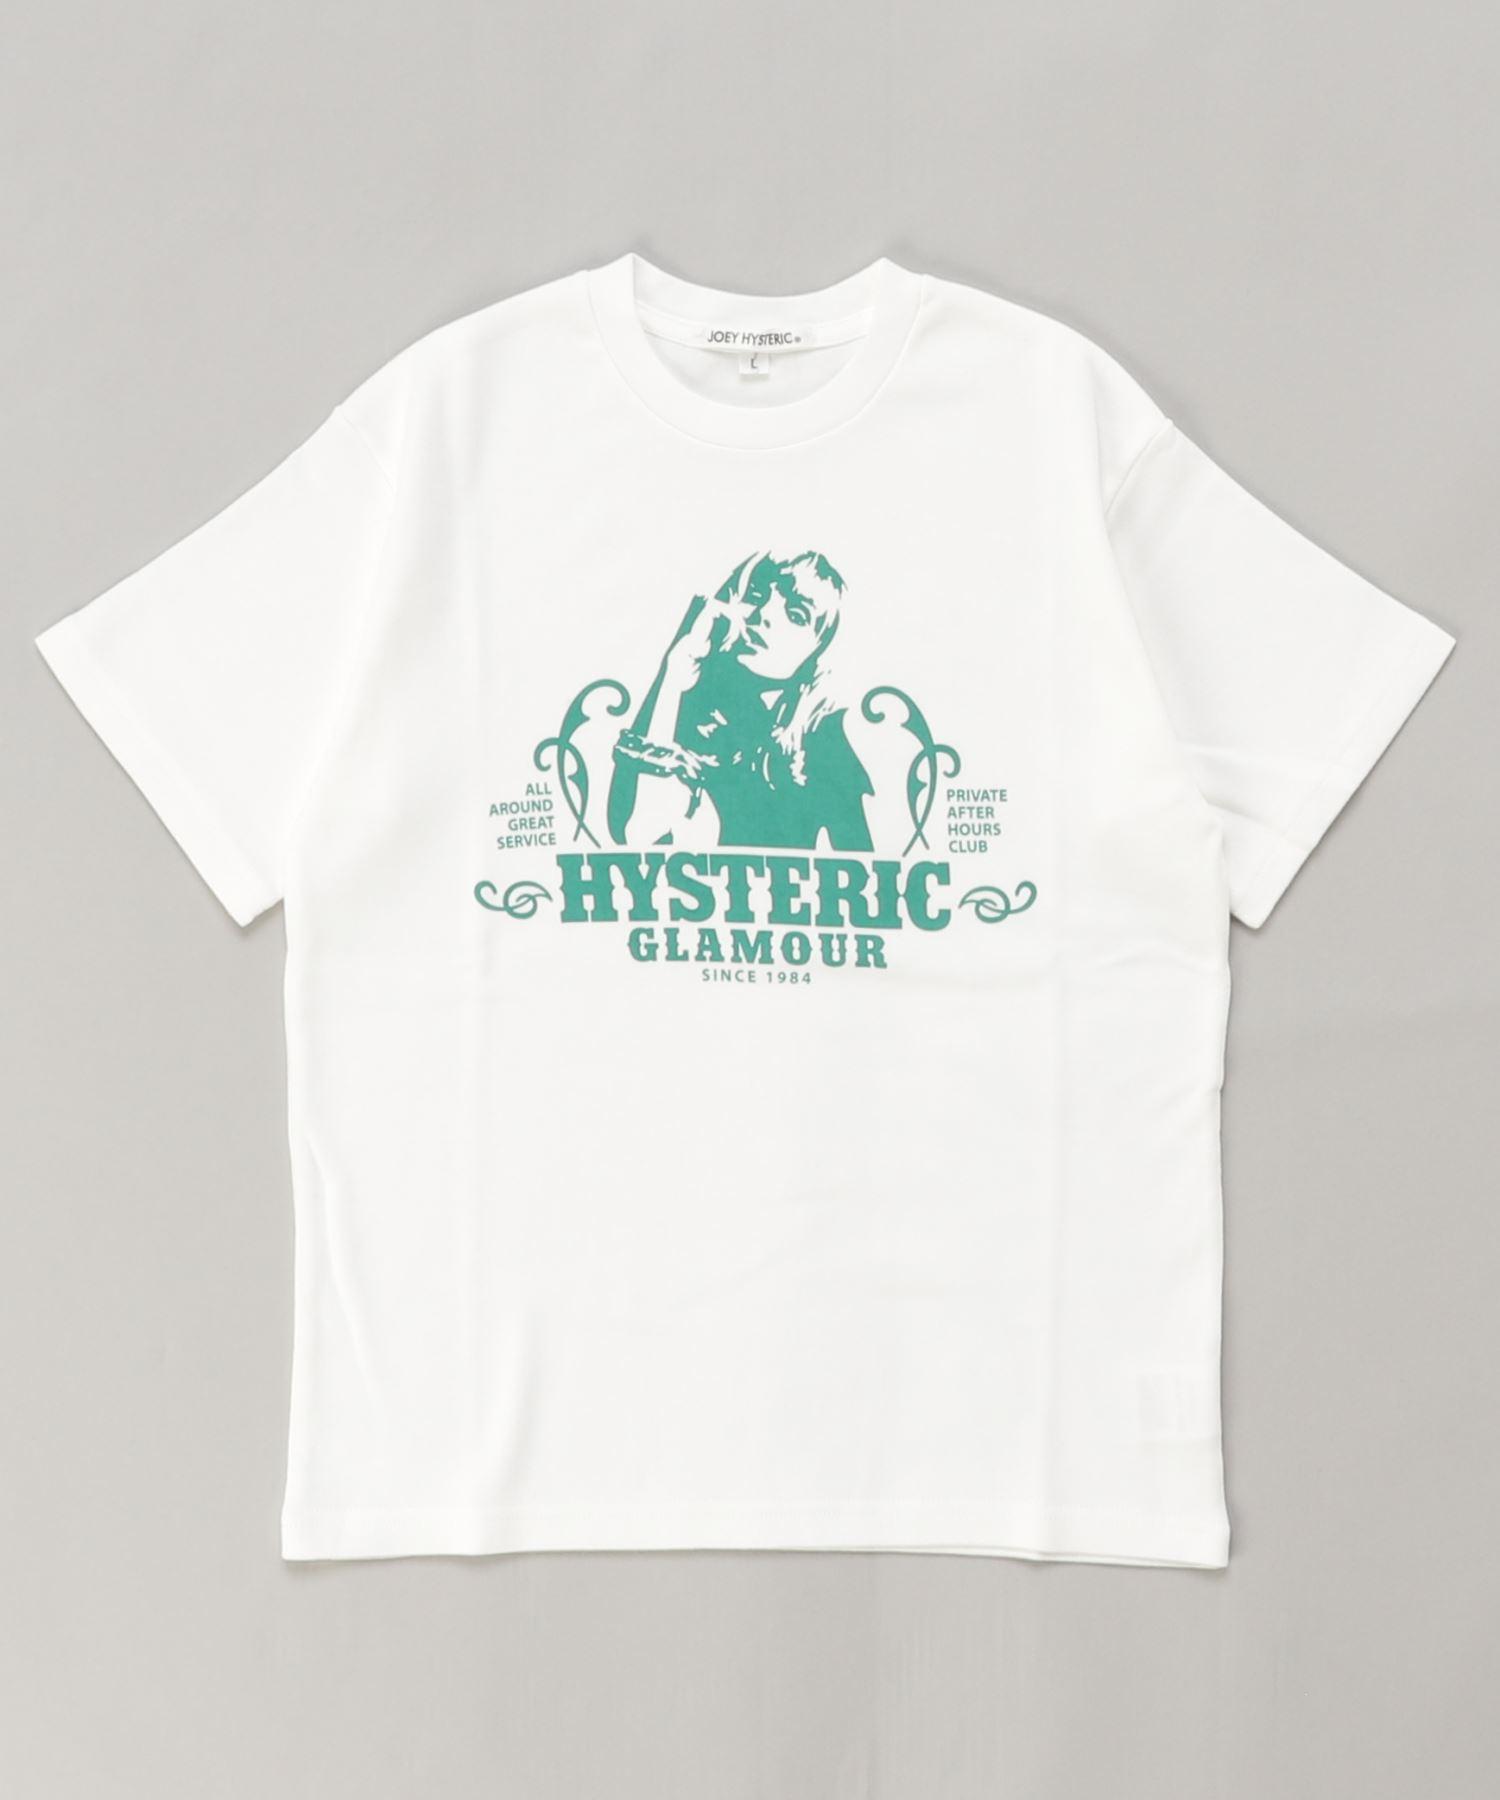 PRIVATE CLUB Tシャツ【L】